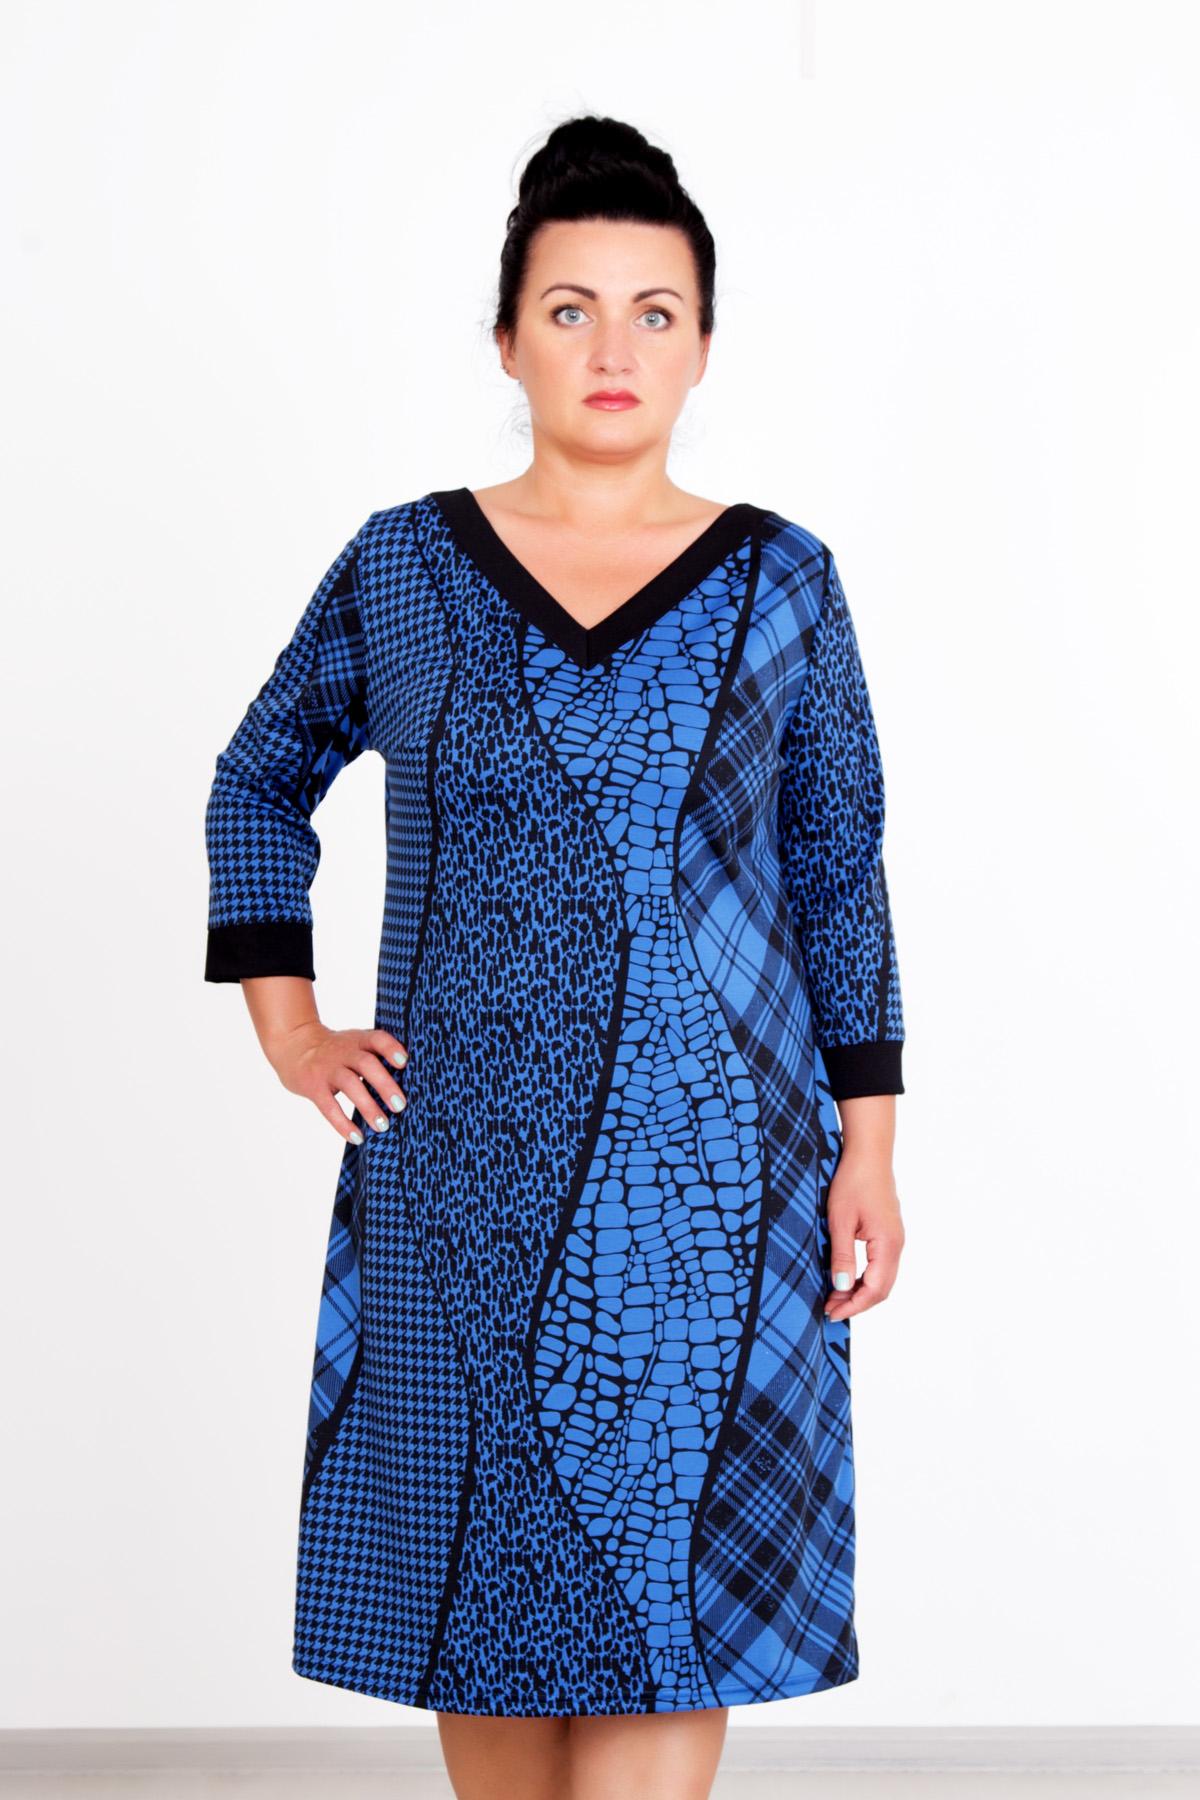 Жен. платье Сигма р. 48Платья<br>Обхват груди: 96 см <br>Обхват талии: 78 см <br>Обхват бедер: 104 см <br>Длина по спинке: 98 см <br>Рост: 167 см<br><br>Тип: Жен. платье<br>Размер: 48<br>Материал: Милано-пунто